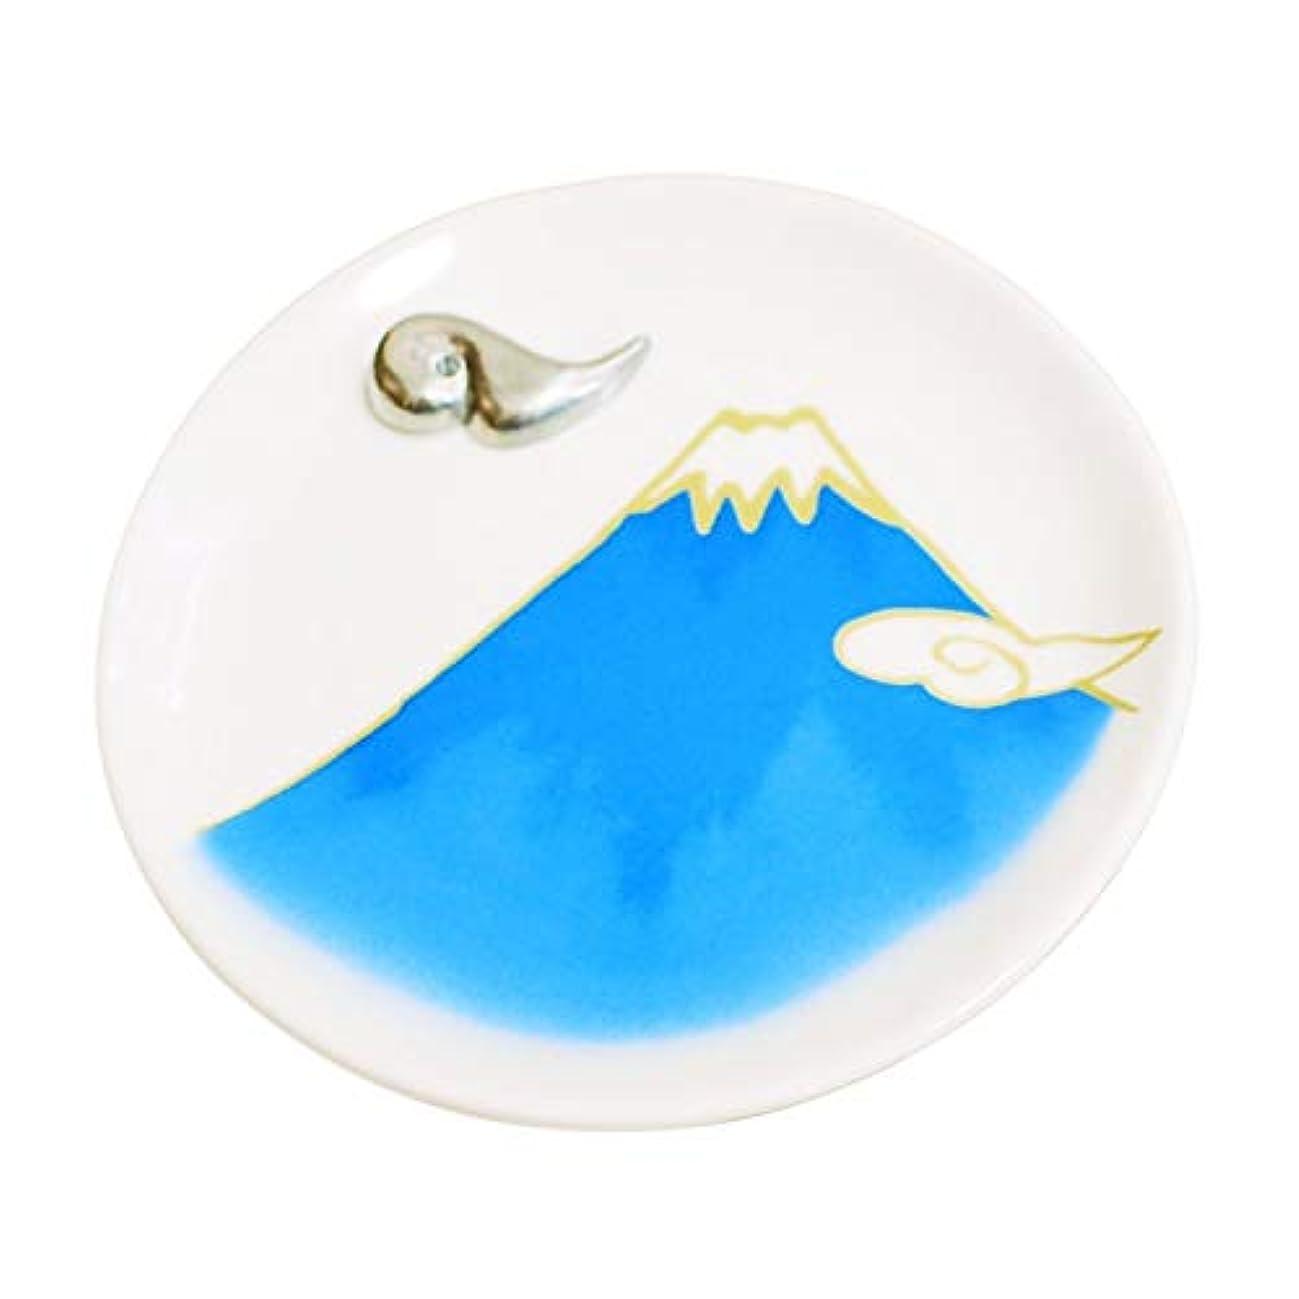 シードテストクランシー香皿 富士山 ブルー 雲型香立て付 青富士 香立 お線香立て Cセット